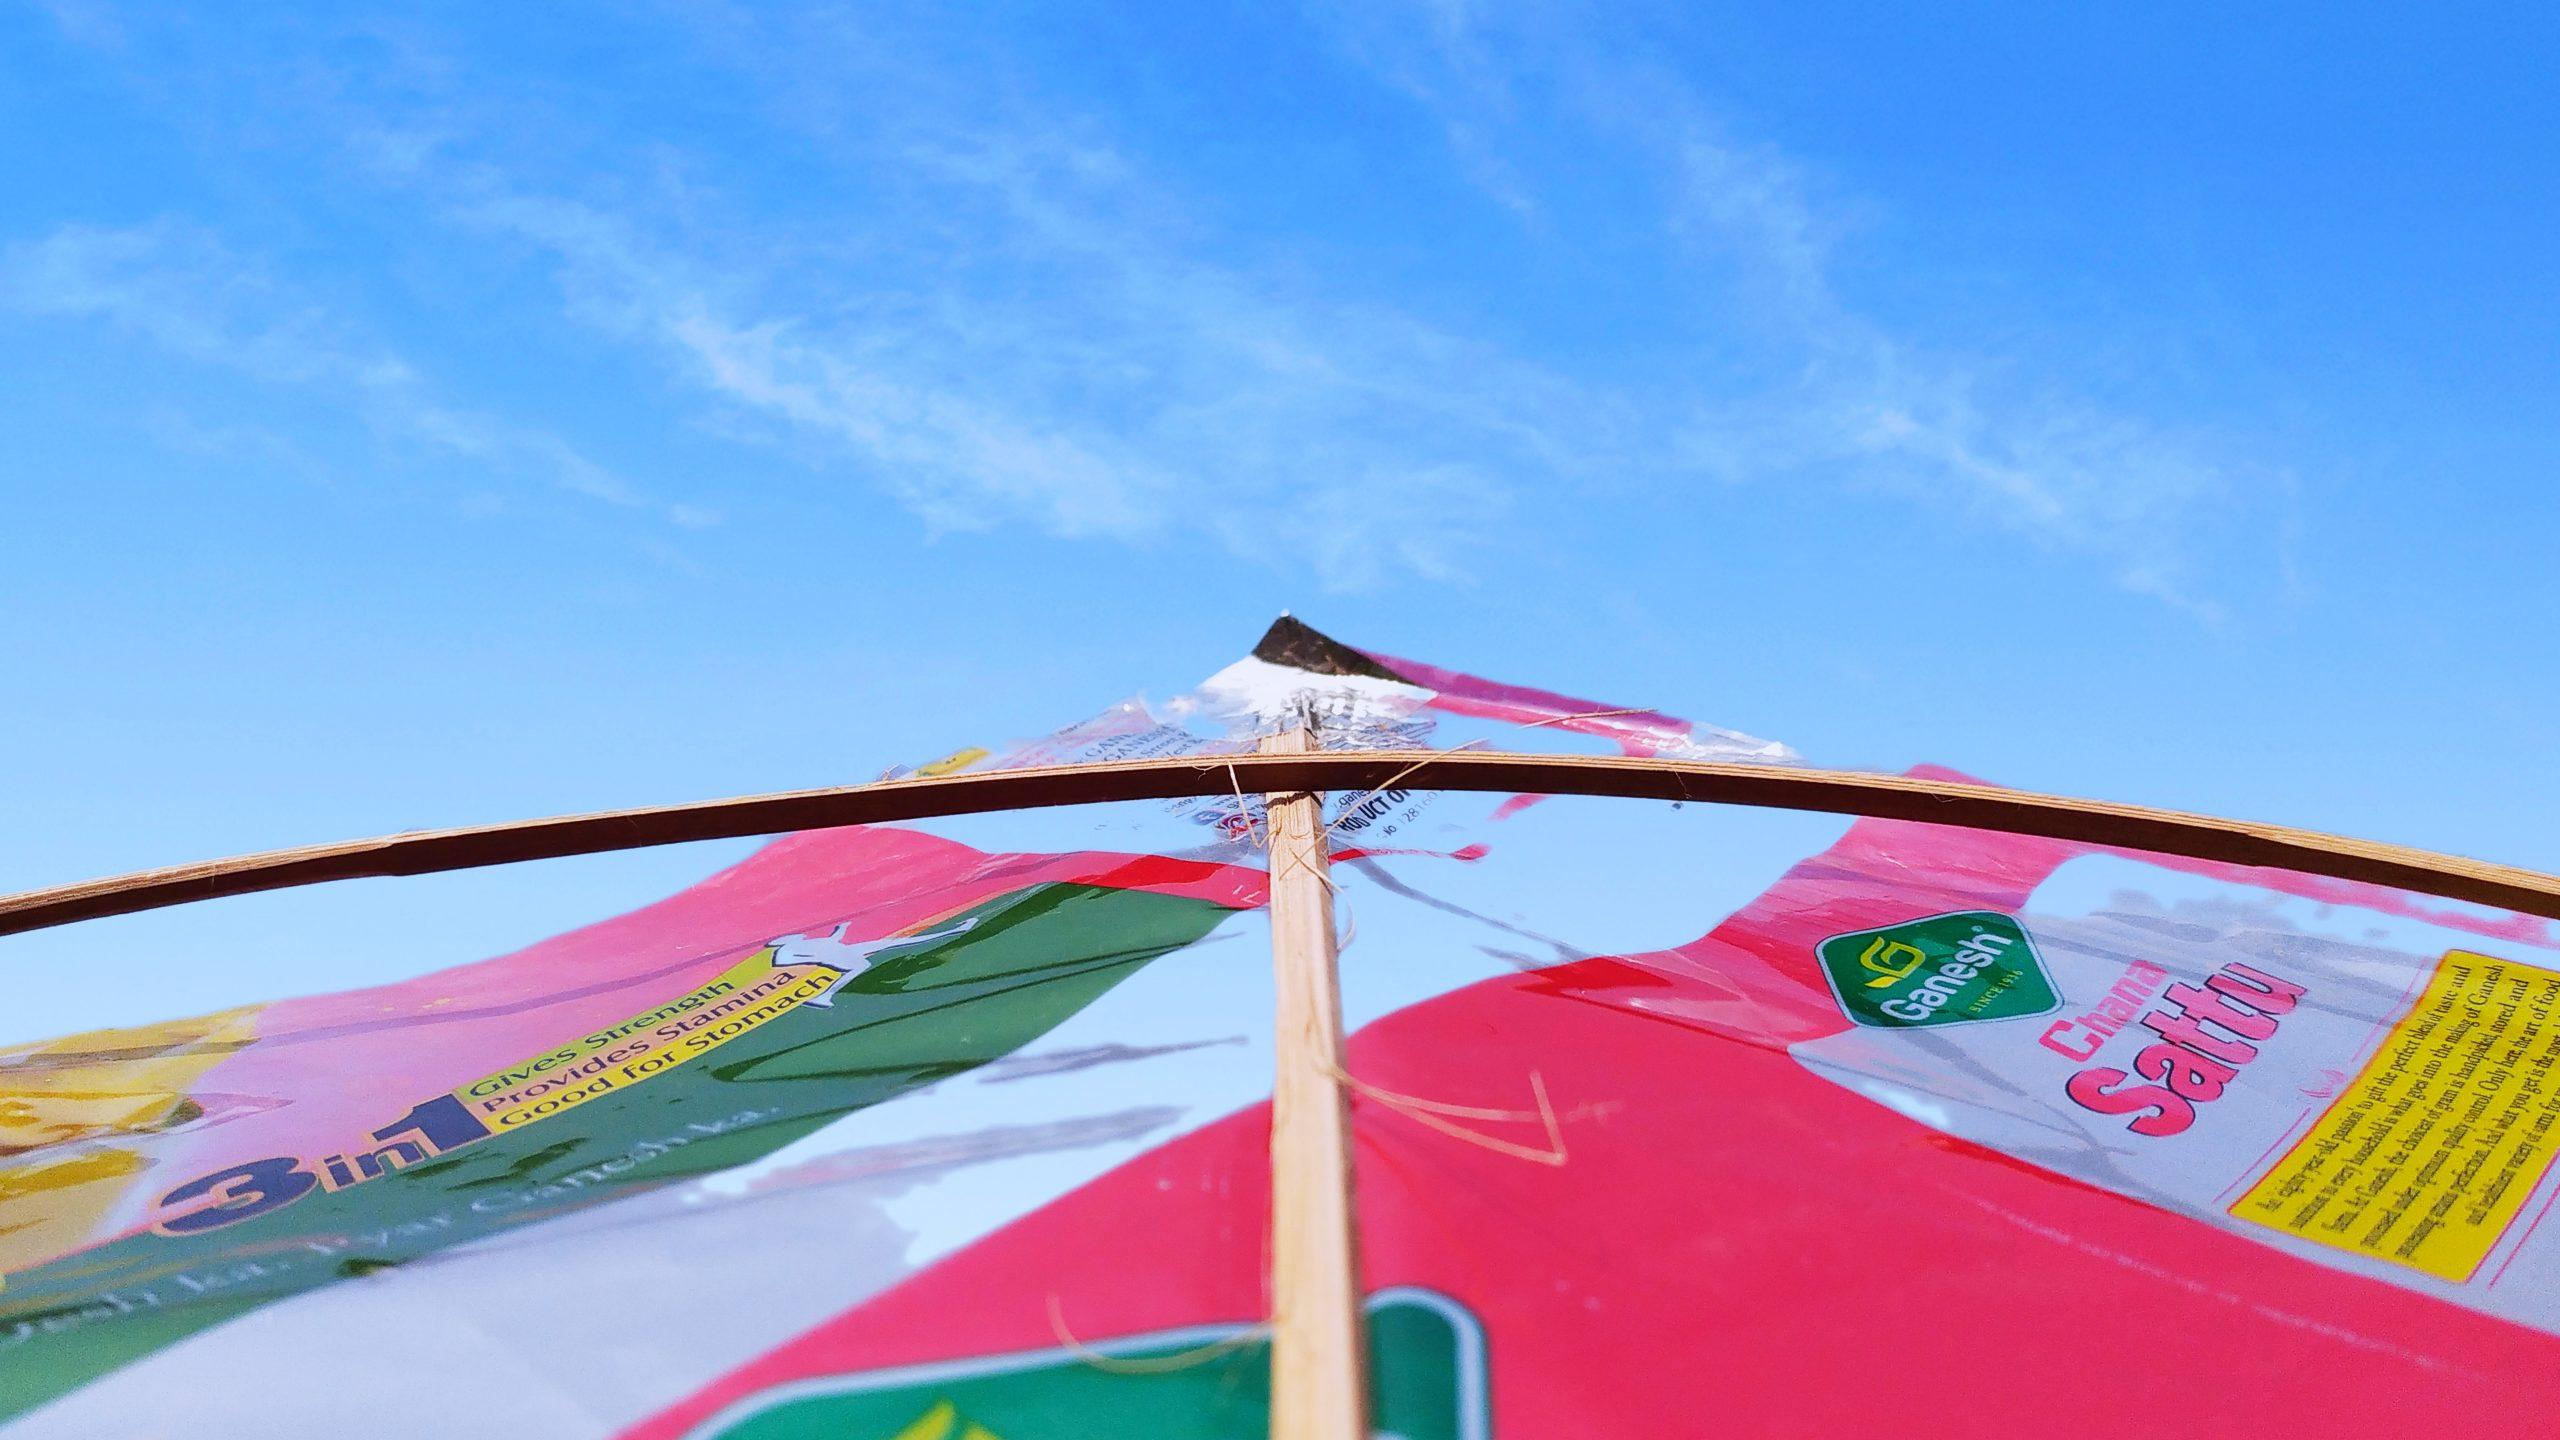 Kite and sky